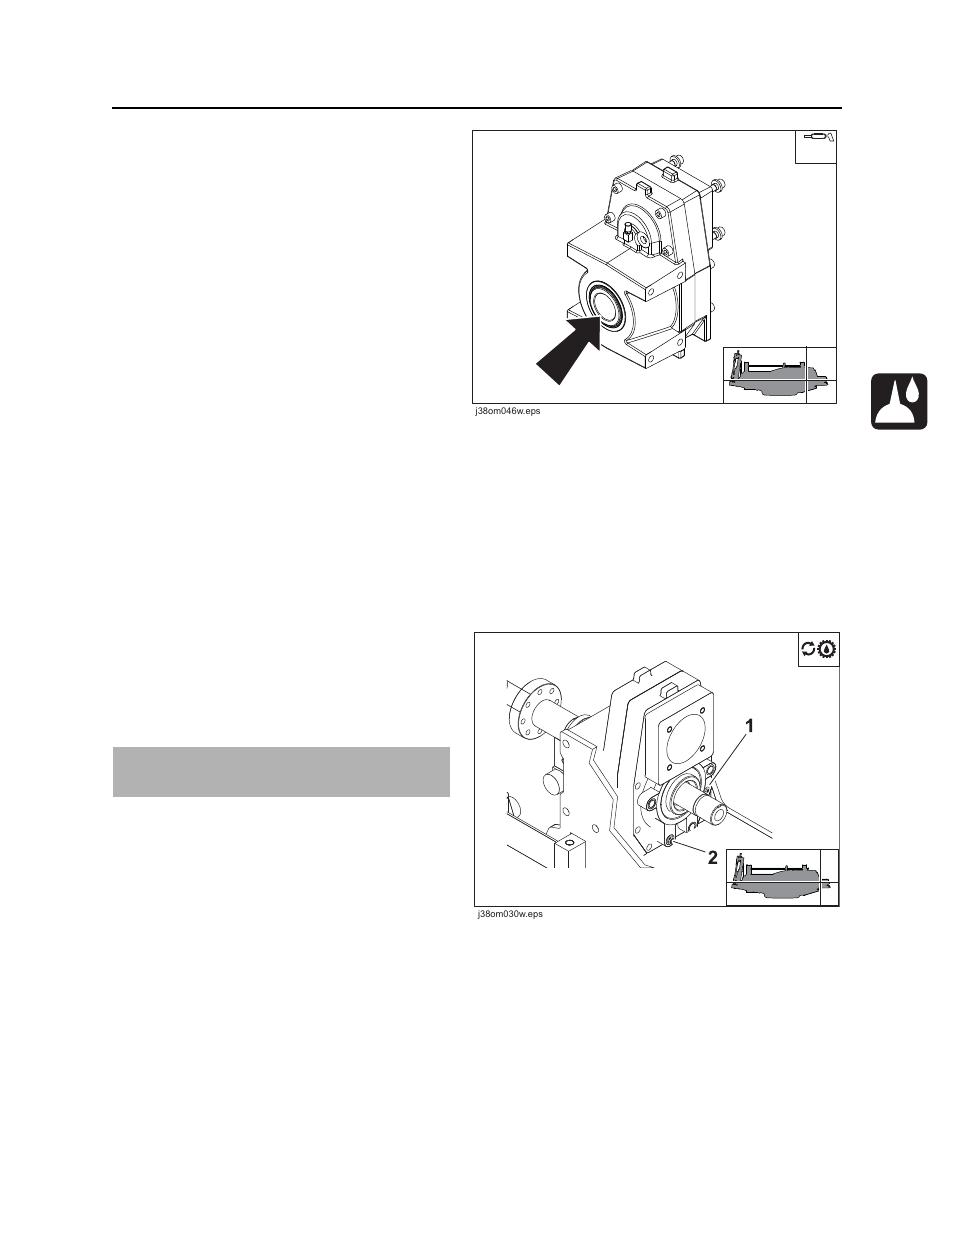 Ditch Plug Diagram - Wiring Diagram Schematics on